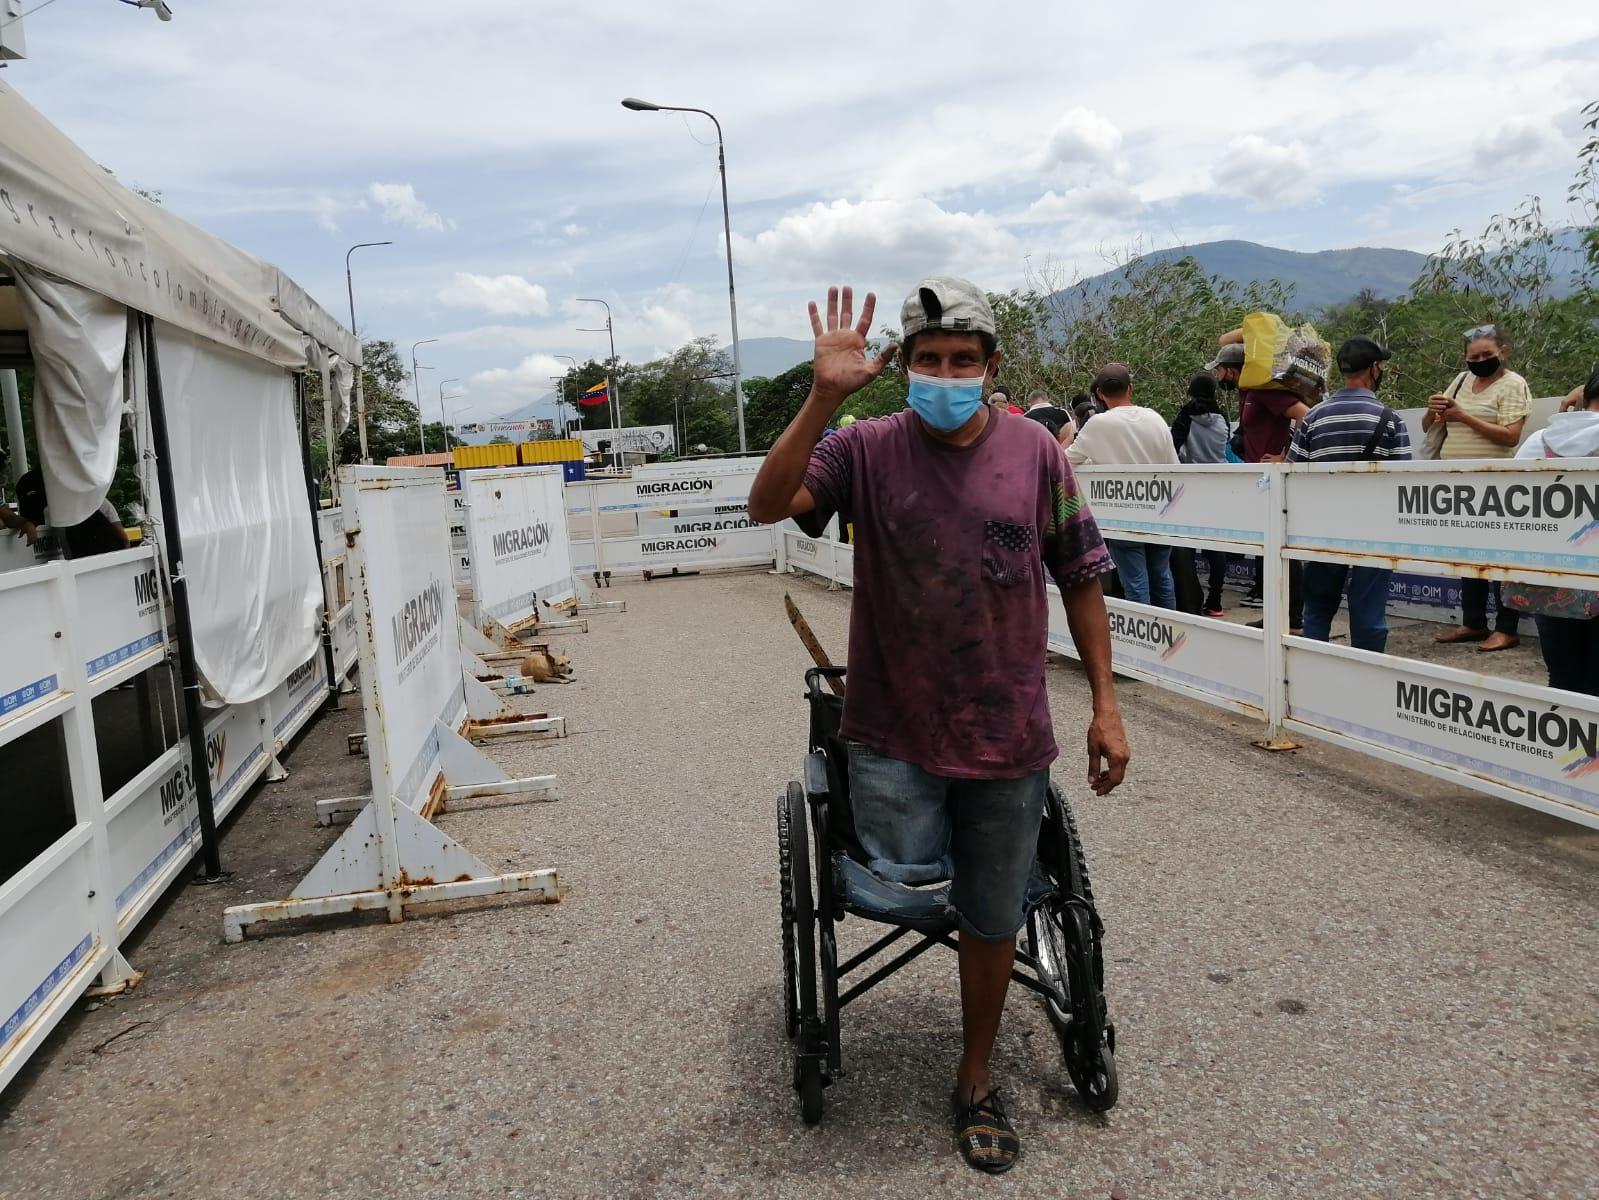 Así fue el primer día de apertura de la frontera en Venezuela